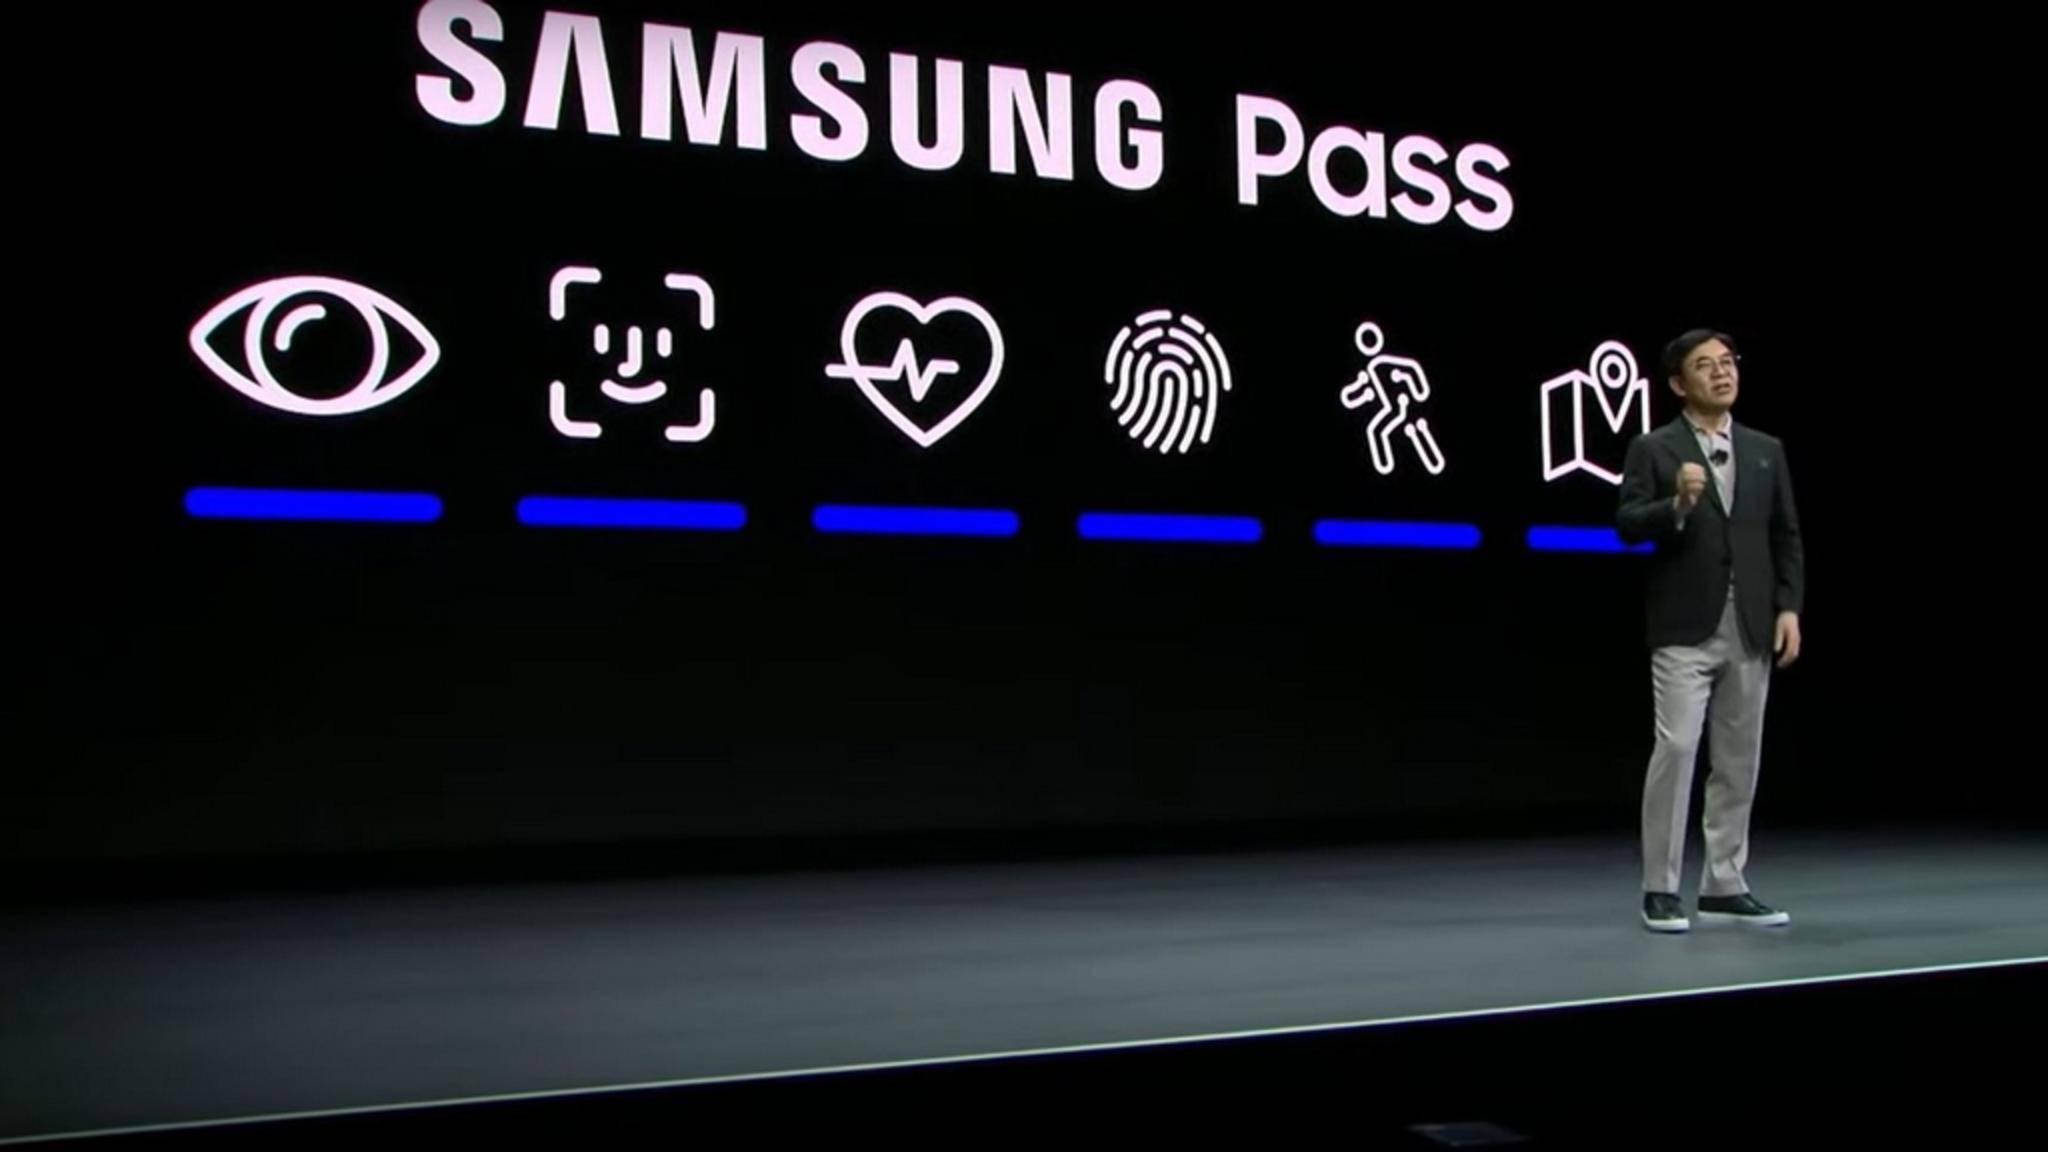 Die zweite Grafik von links erinnert frappierend an das Face-ID-Icon.